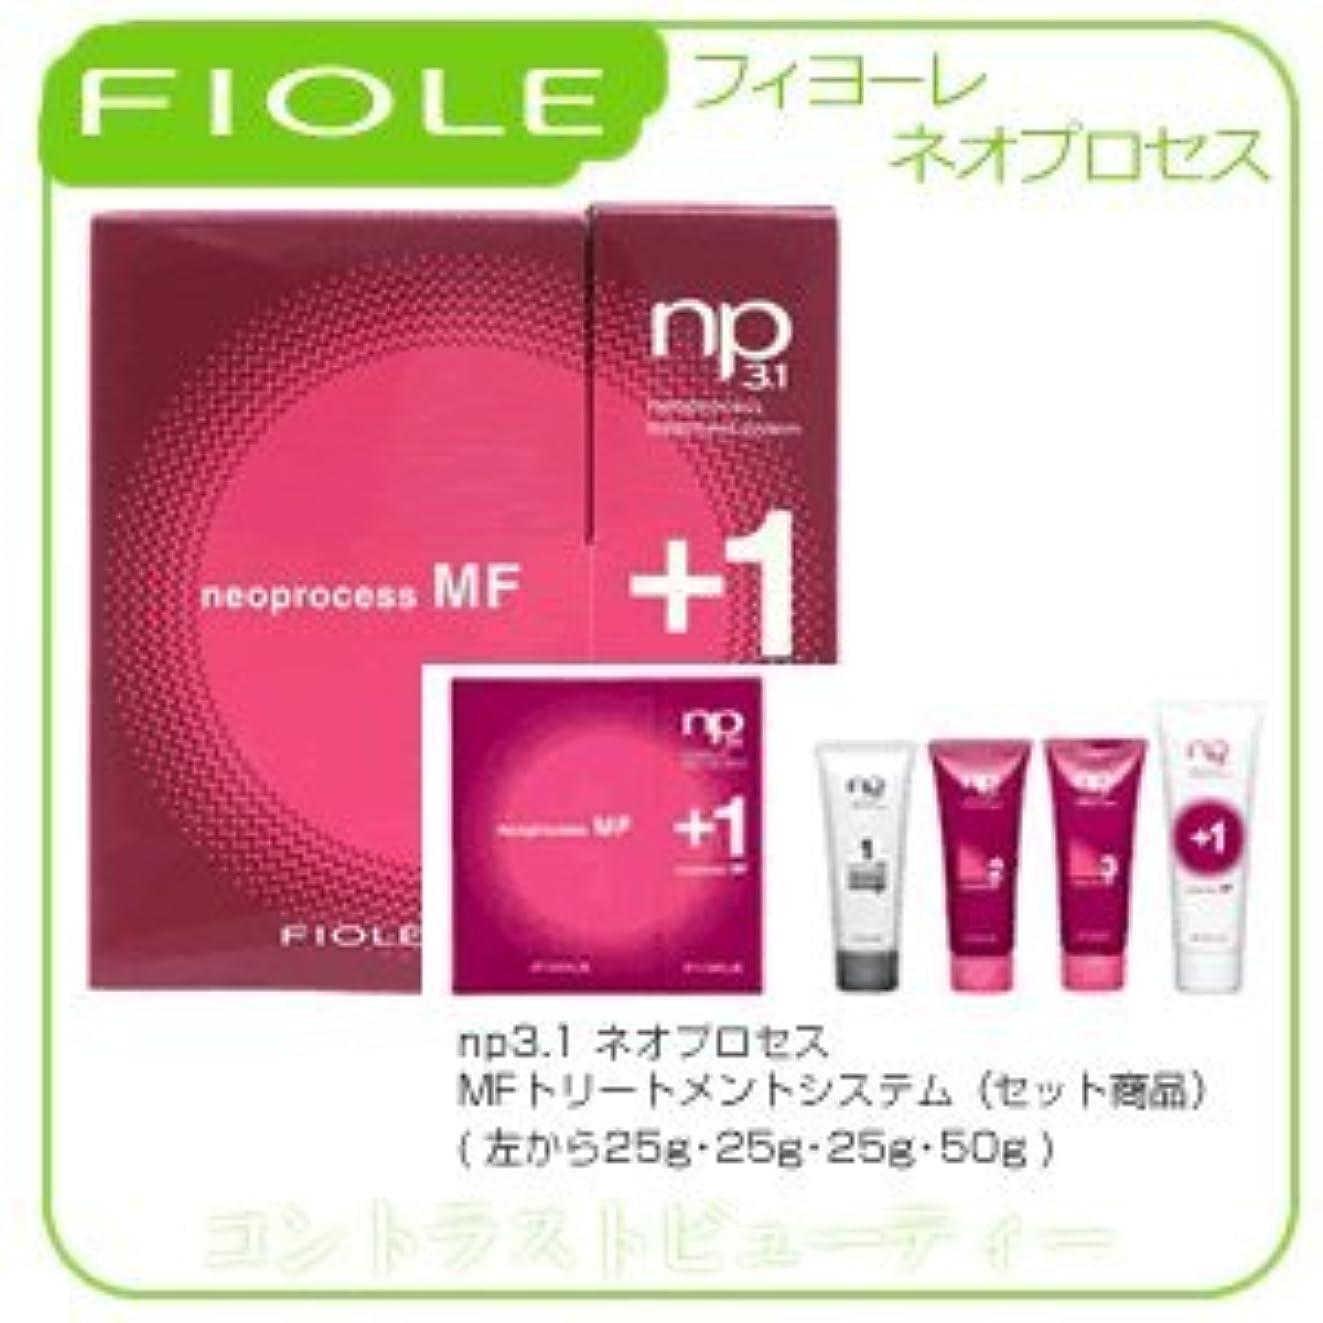 飢えたビュッフェモーション【X2個セット】 フィヨーレ NP3.1 ネオプロセス MF トリートメントシステム FIOLE ネオプロセス